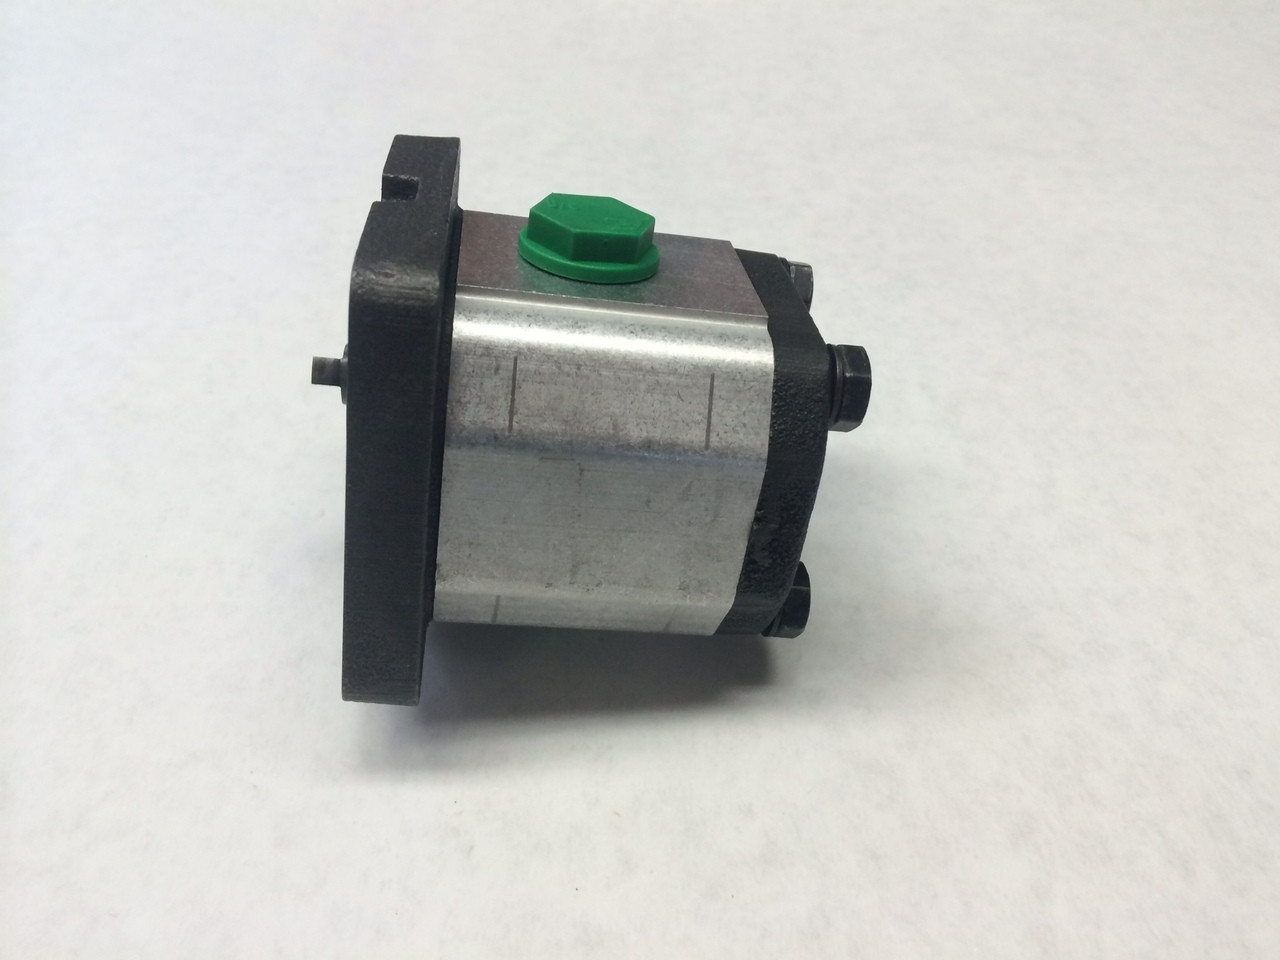 Talsa F-850 - H Series - Gear Pump - 4727, 0037 & 0011